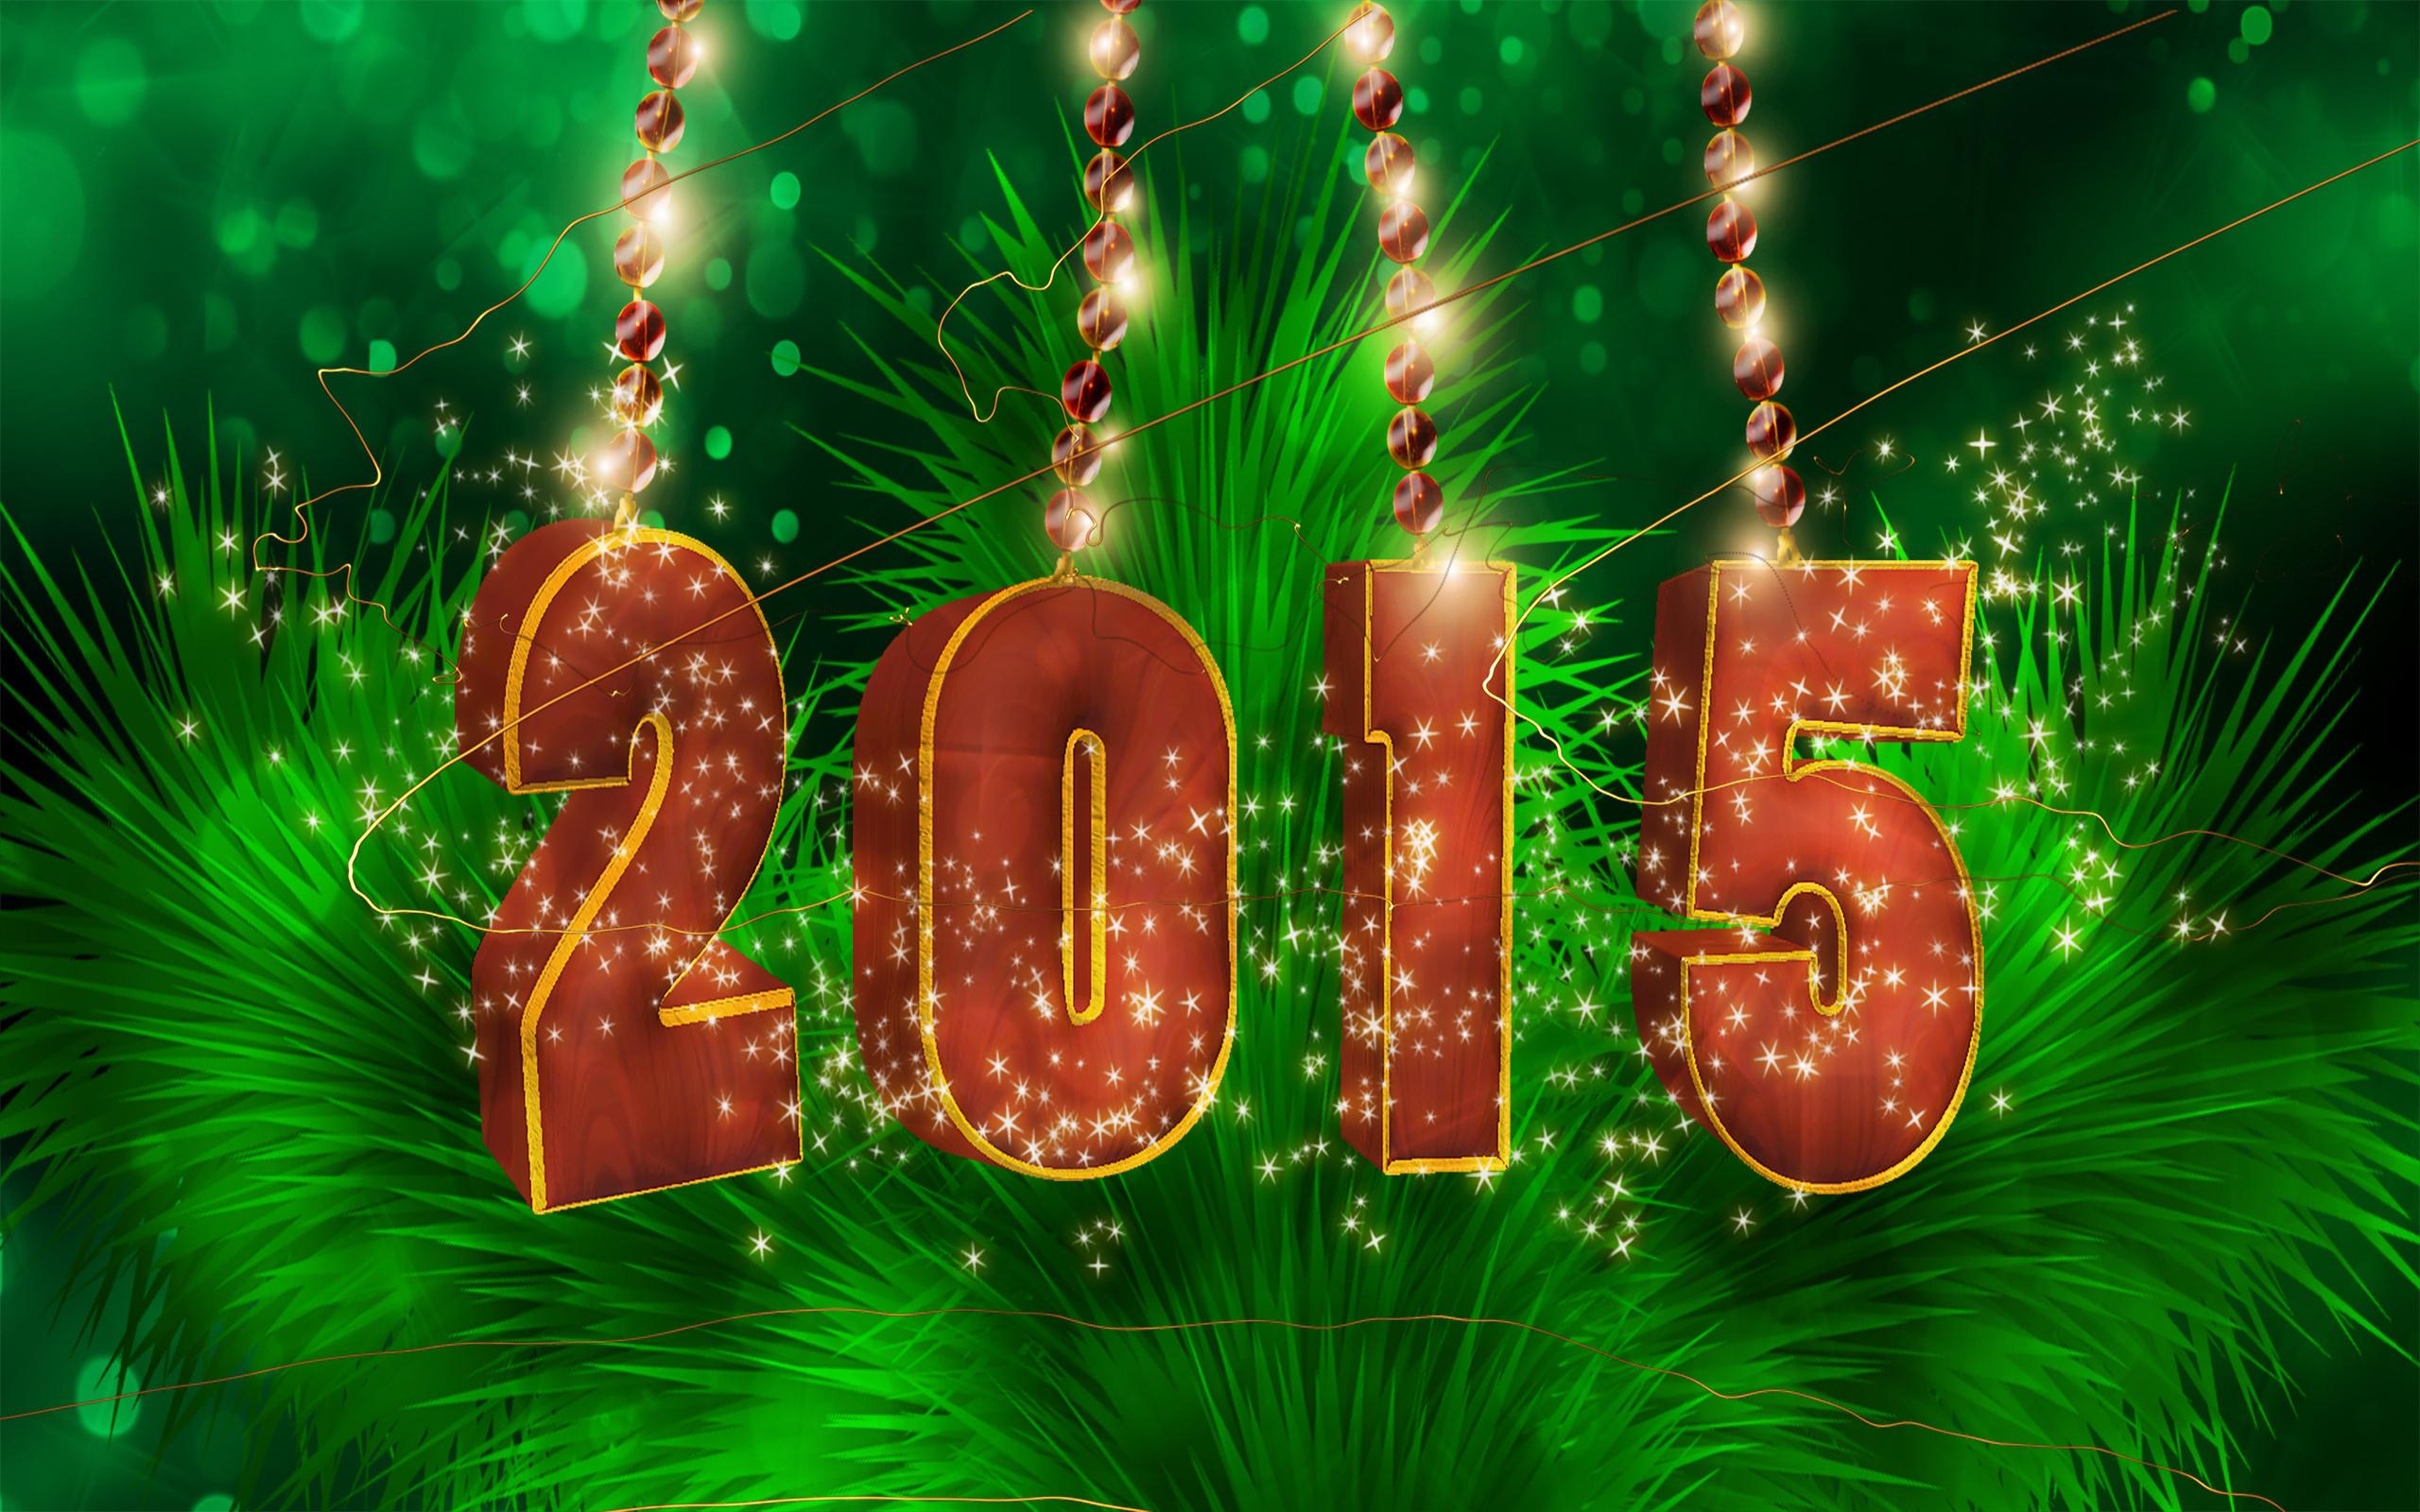 фото с новым годом 2015 год скачать